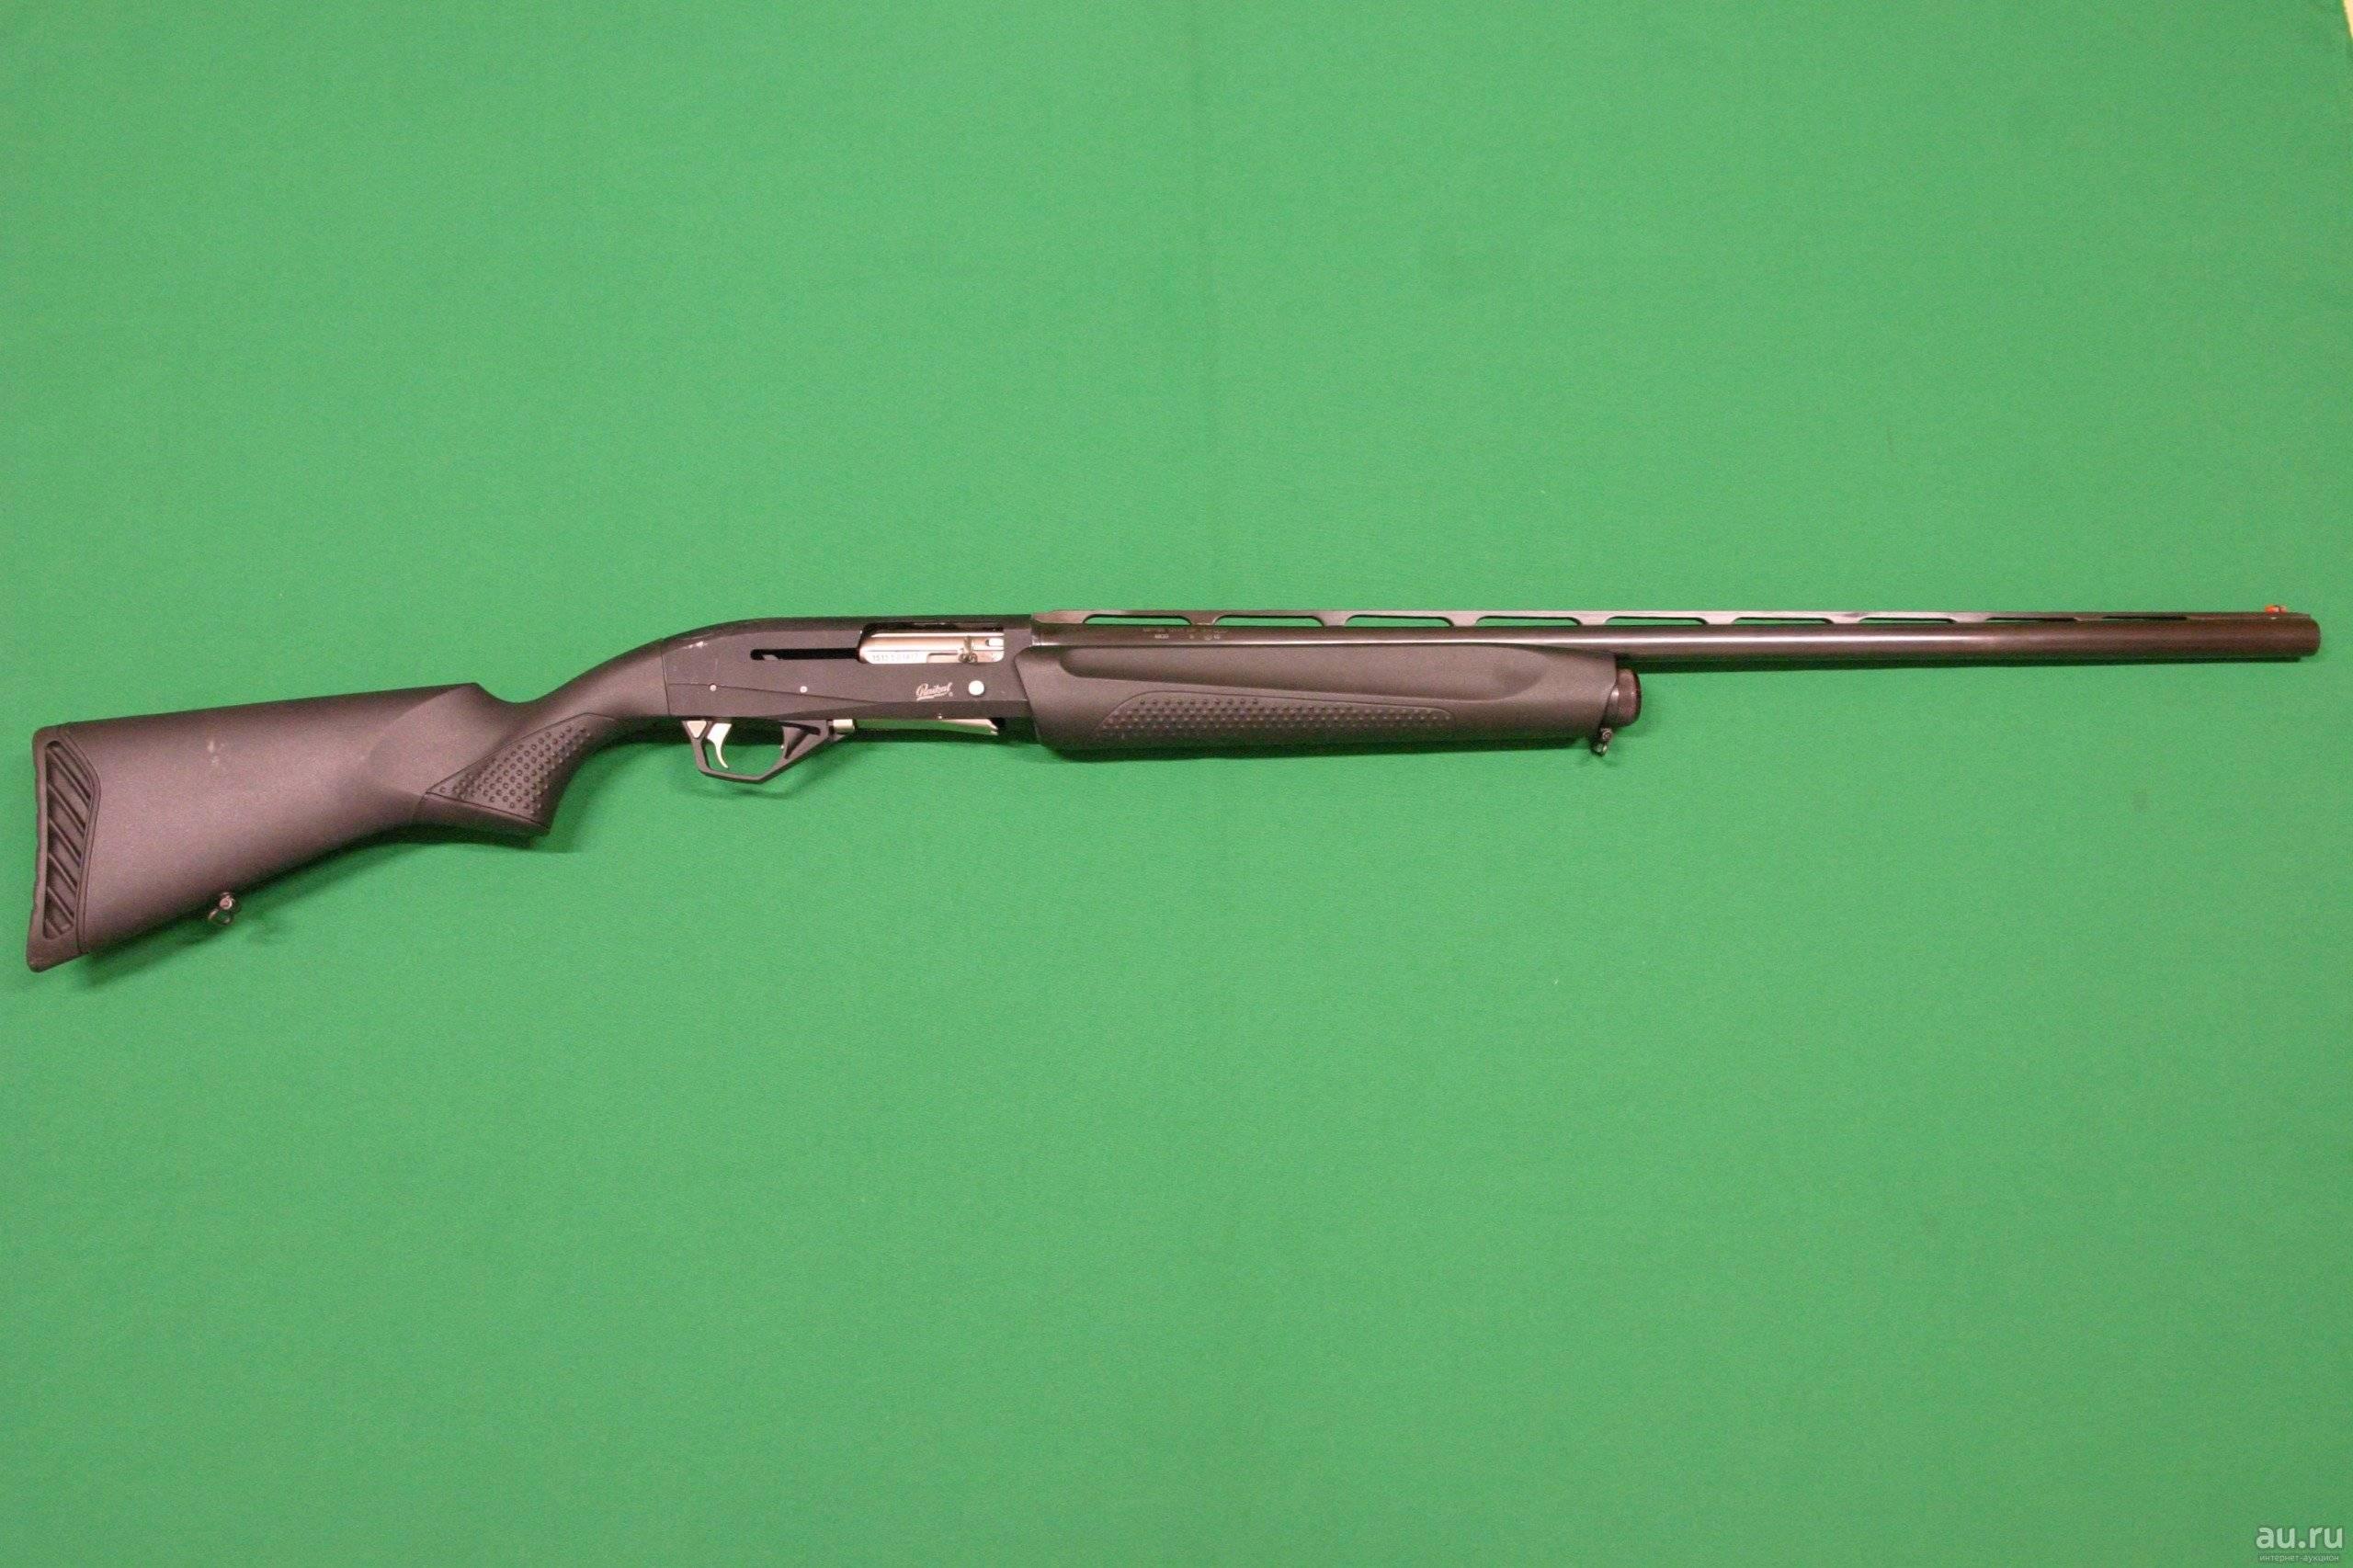 Гладкоствольное ружье МР-155К